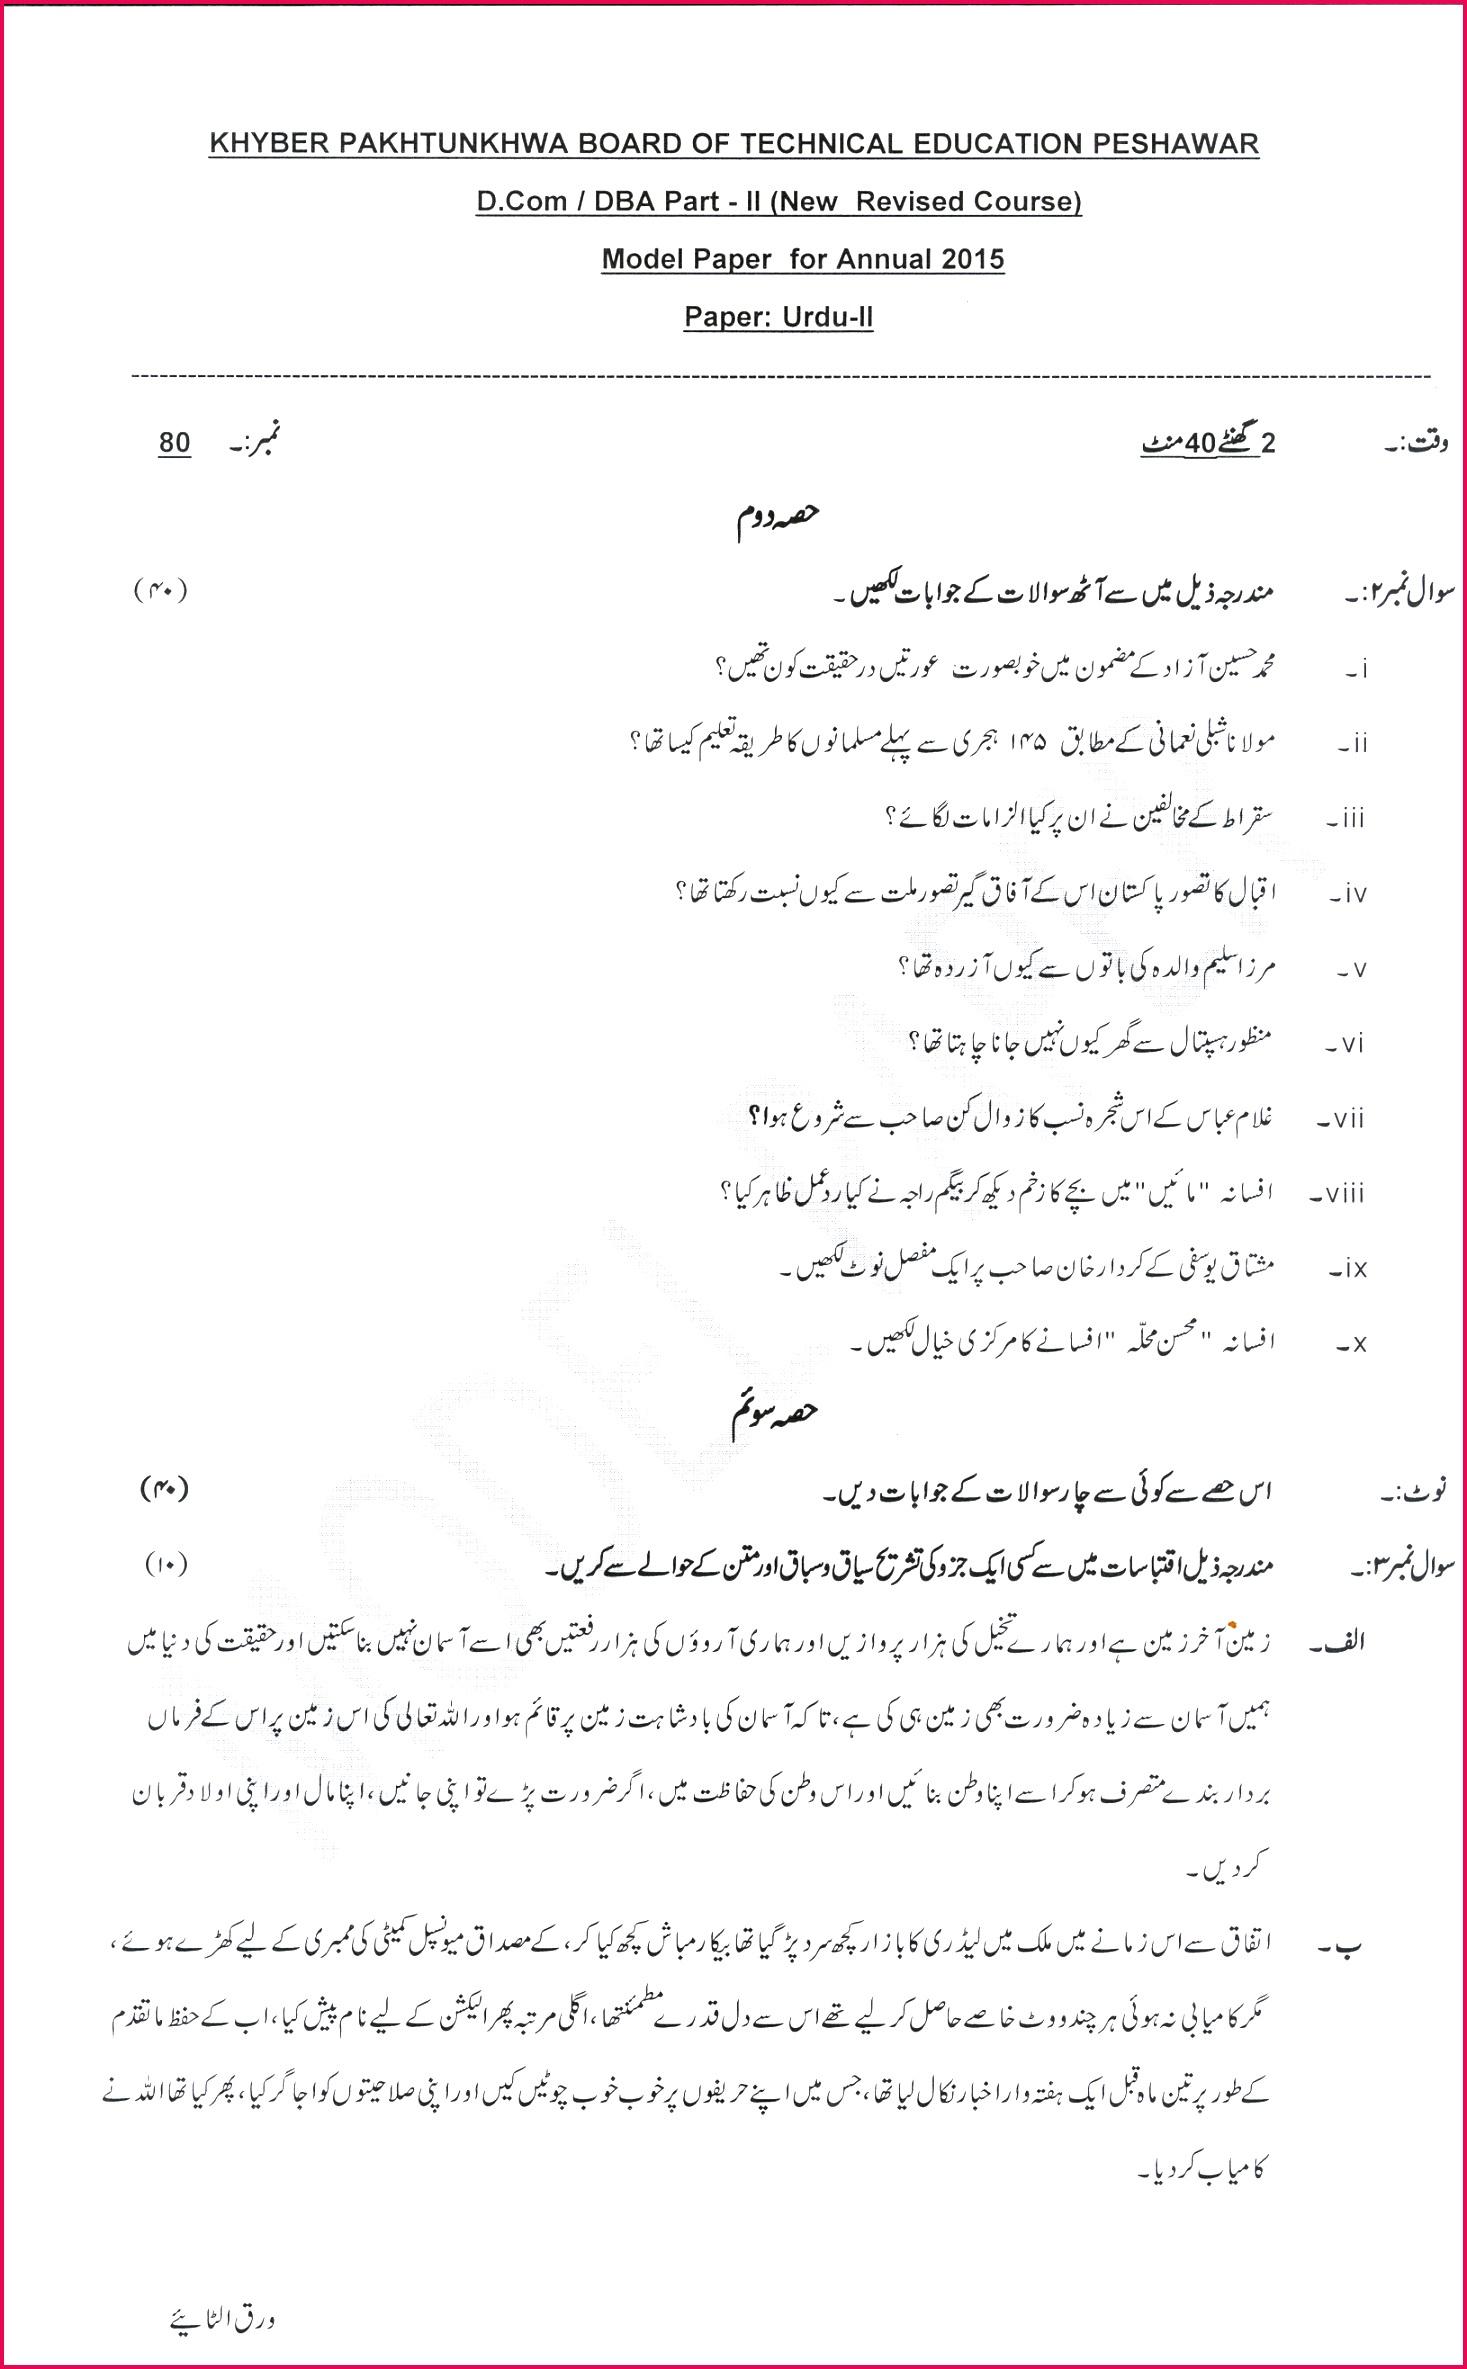 KPBTE Urdu D Paper II Model Papers Part II 2019